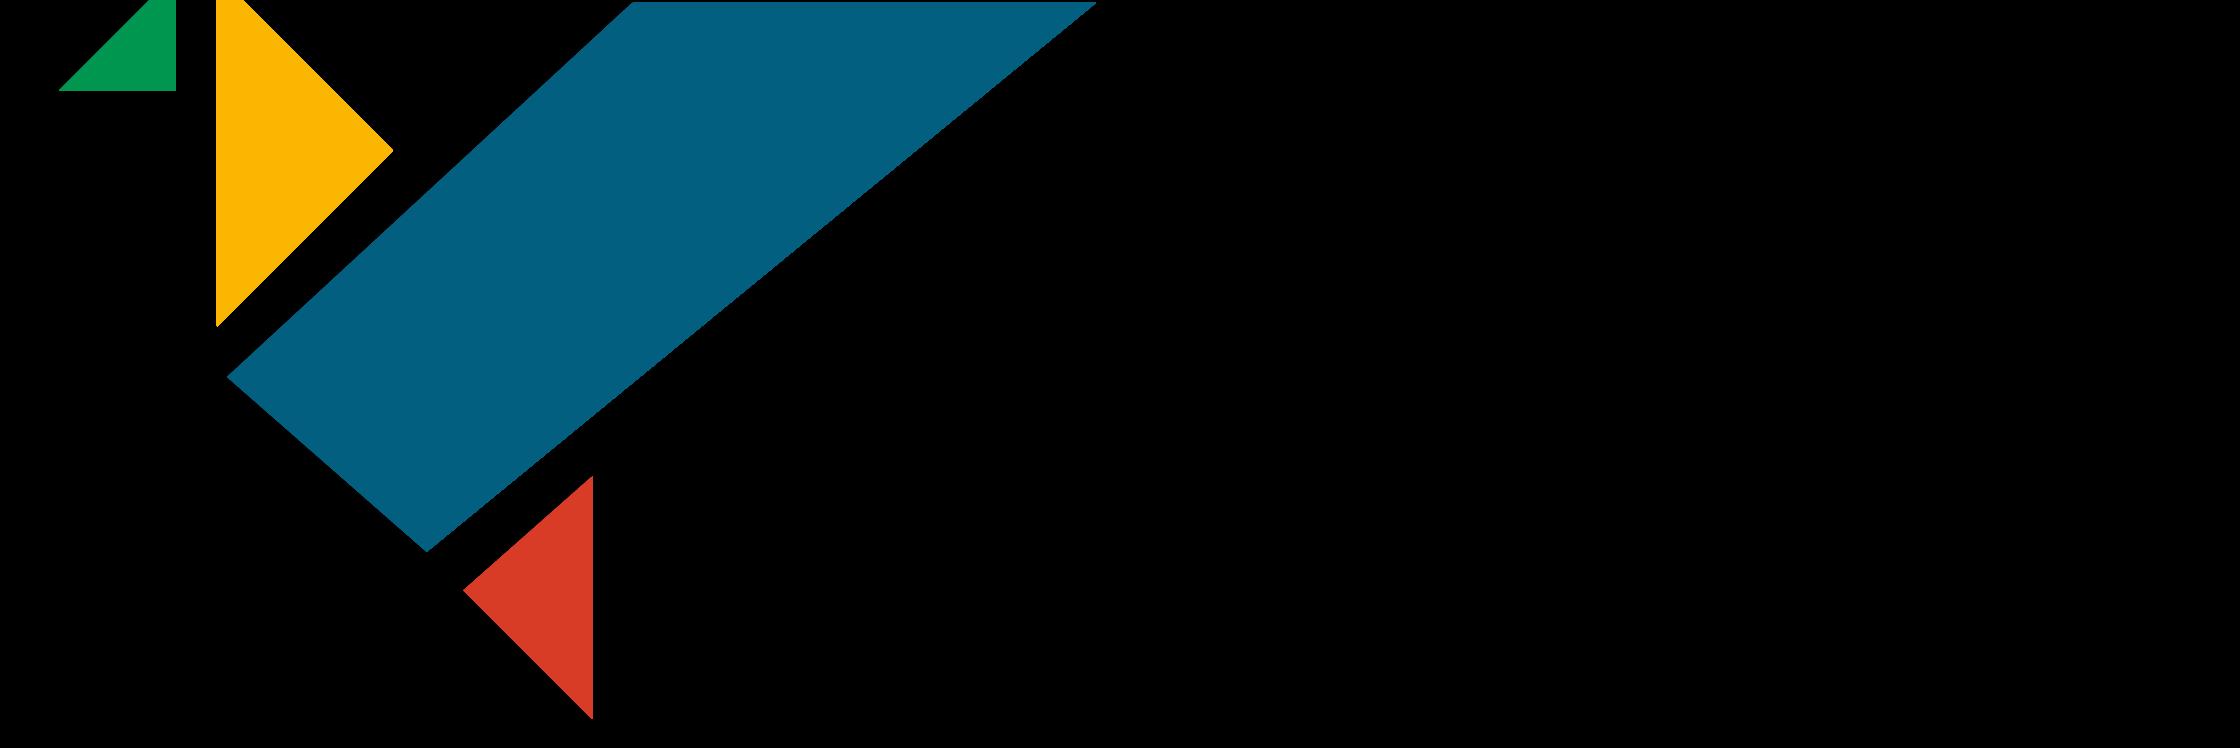 cropped vamosys logo